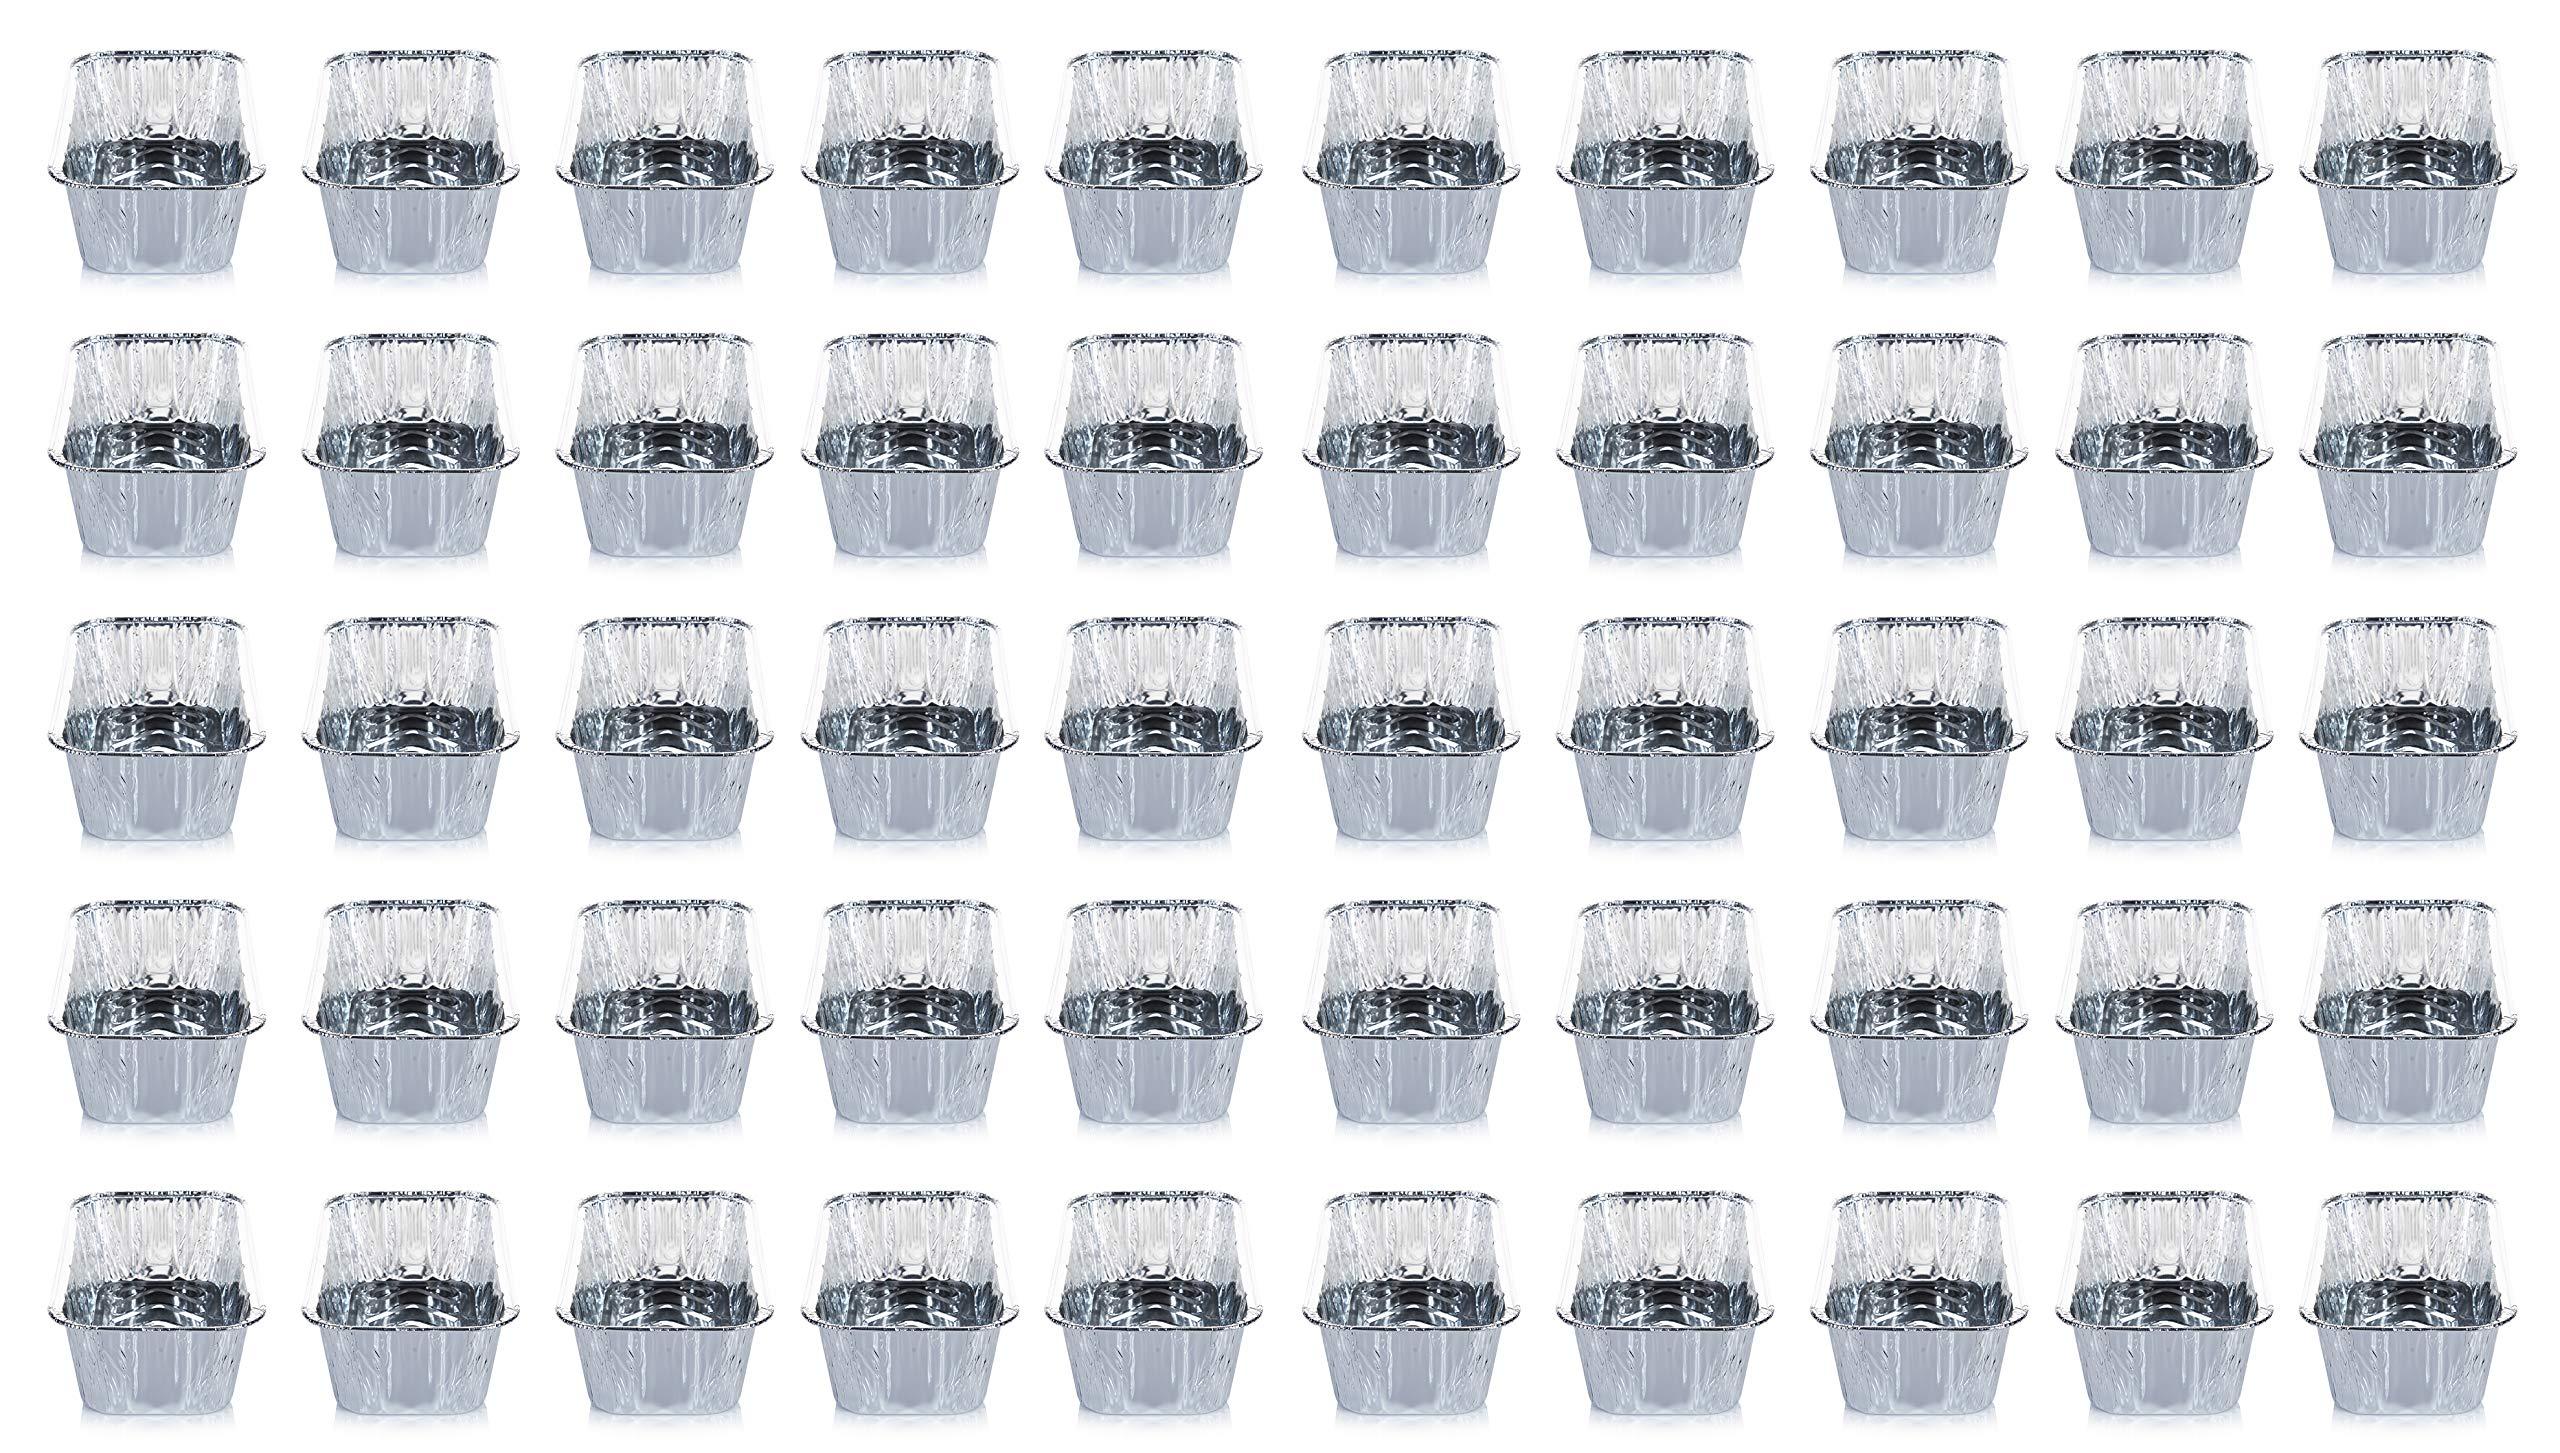 DOBI (50 Pack) Loaf Pans - Disposable Aluminum Foil 2Lb Bread Tins, Standard Size - 8.5'' X 4.5'' X 2.5'' by DOBI (Image #5)